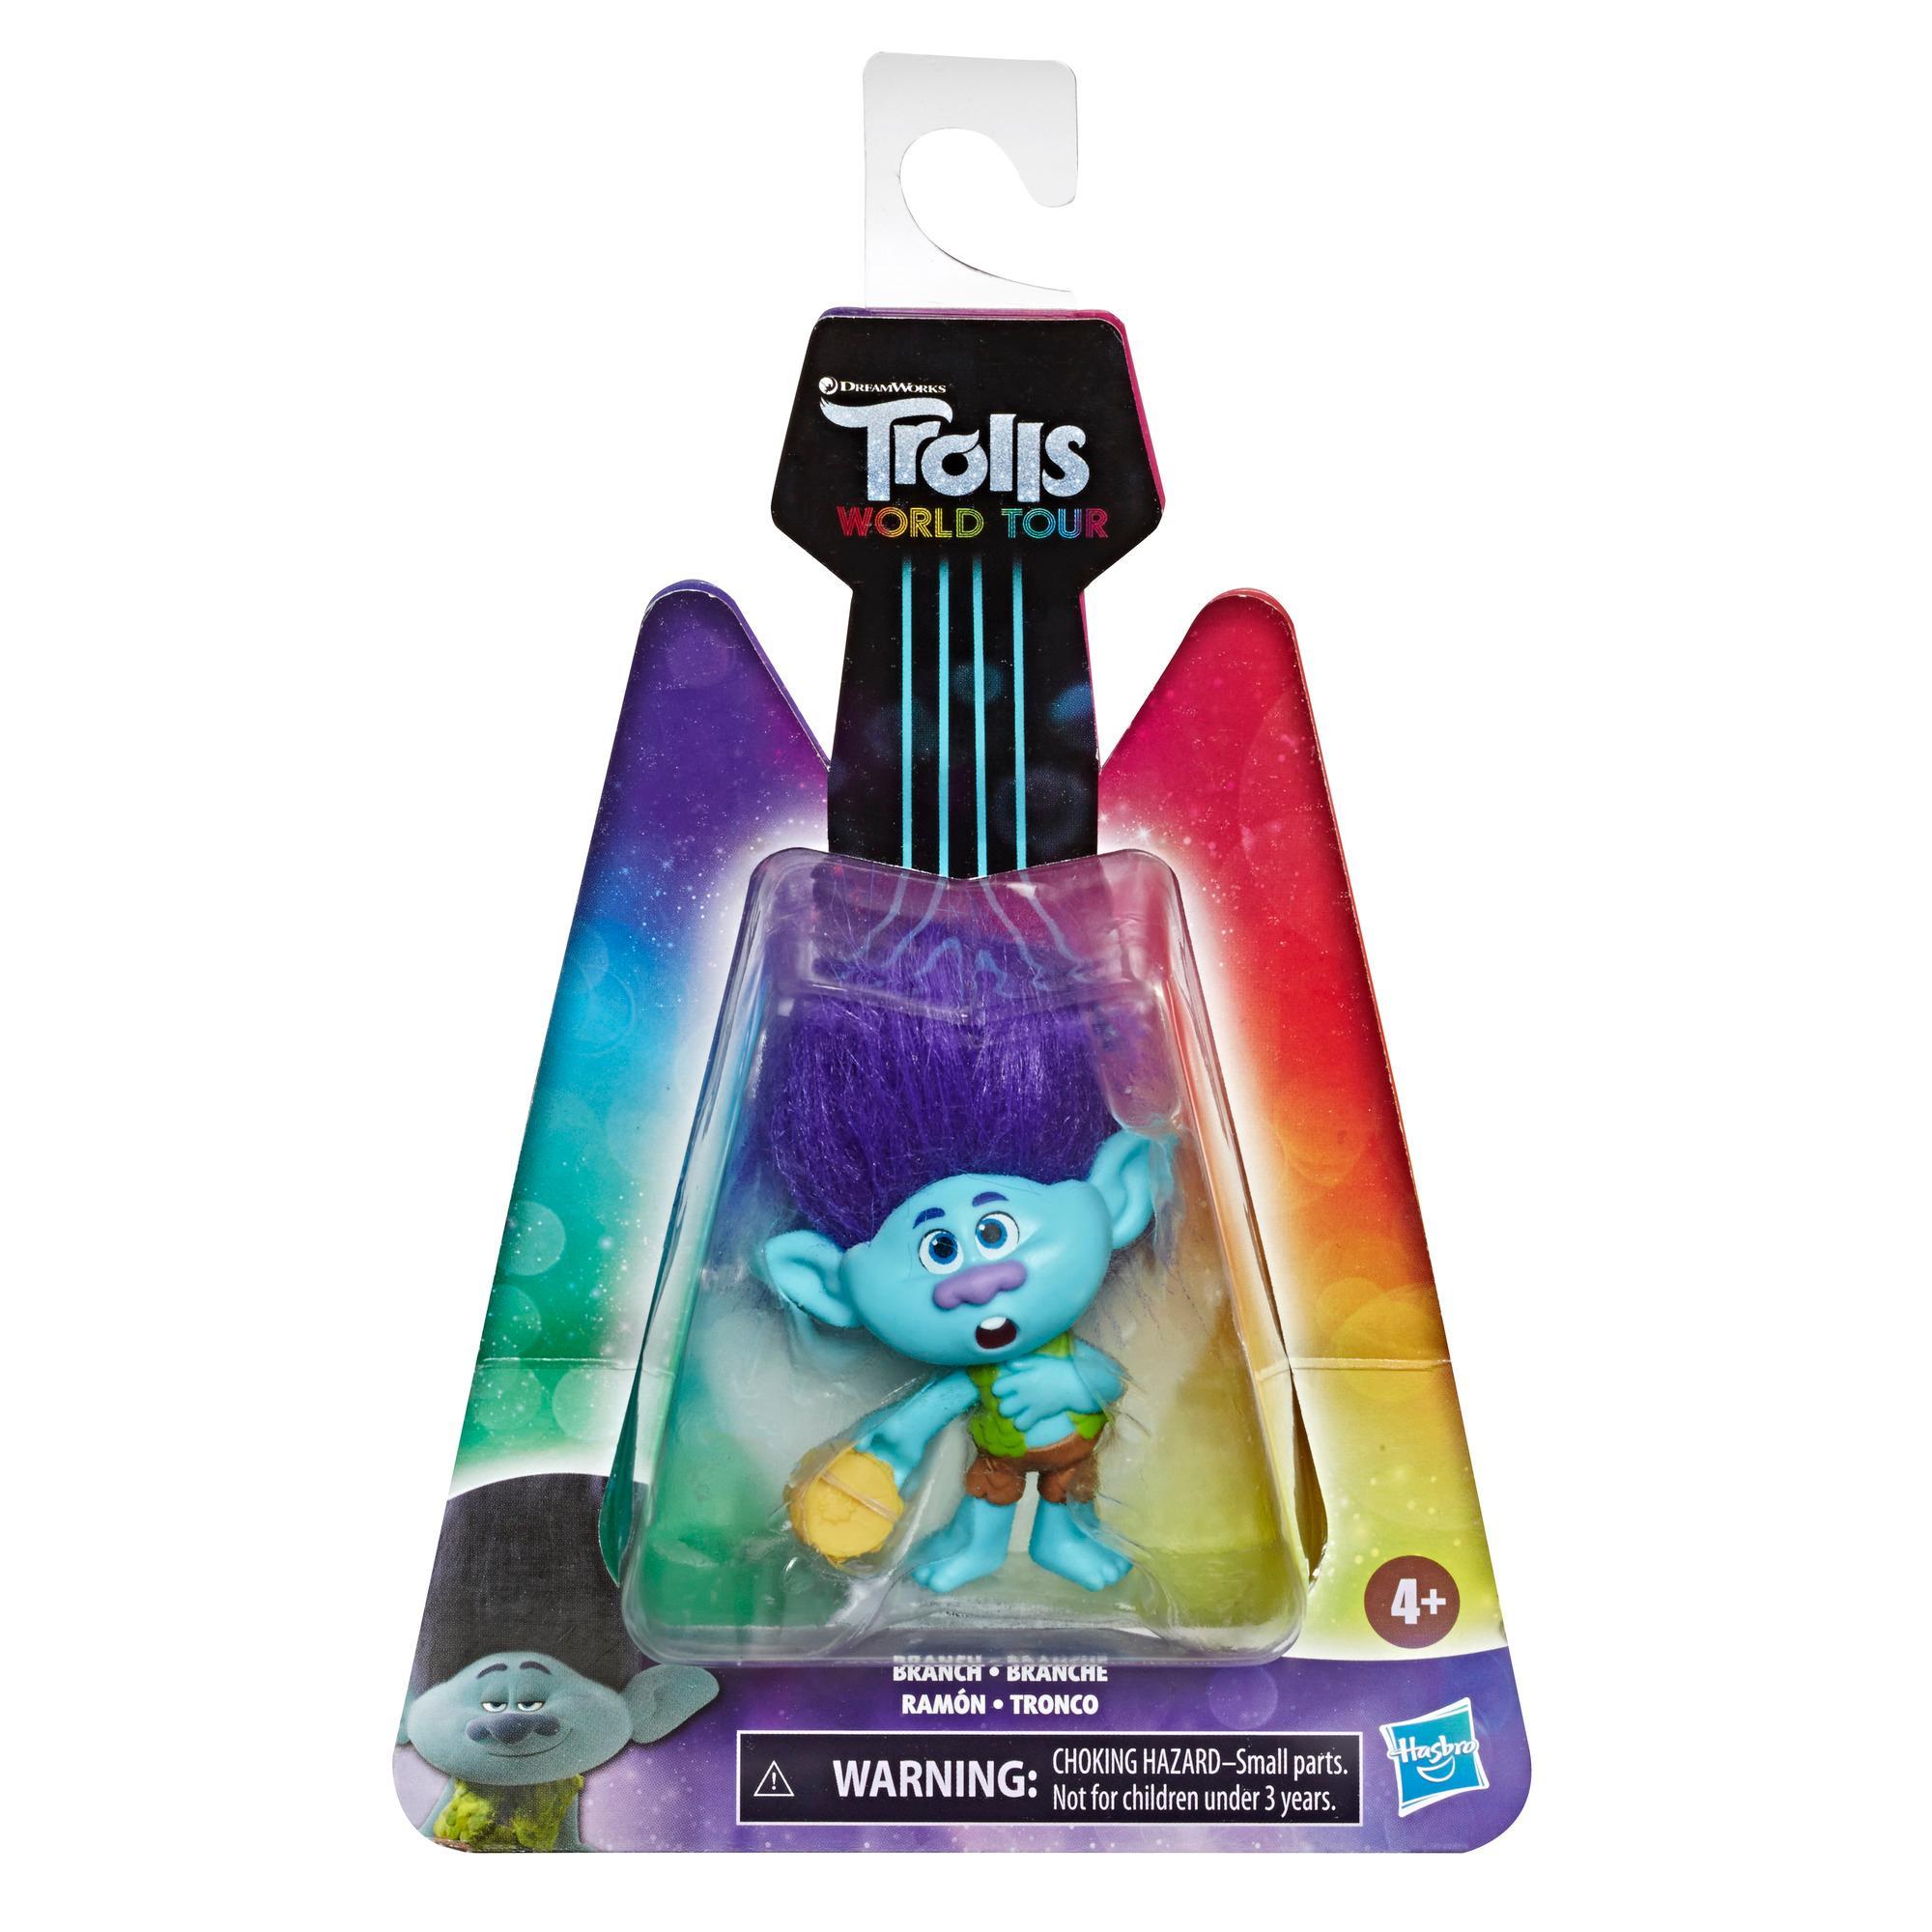 DreamWorks Trolls World Tour Branch, Nukkehahmo, jolla tamburiini, Trolls: Maailmankiertue -elokuvan innoittama lelu